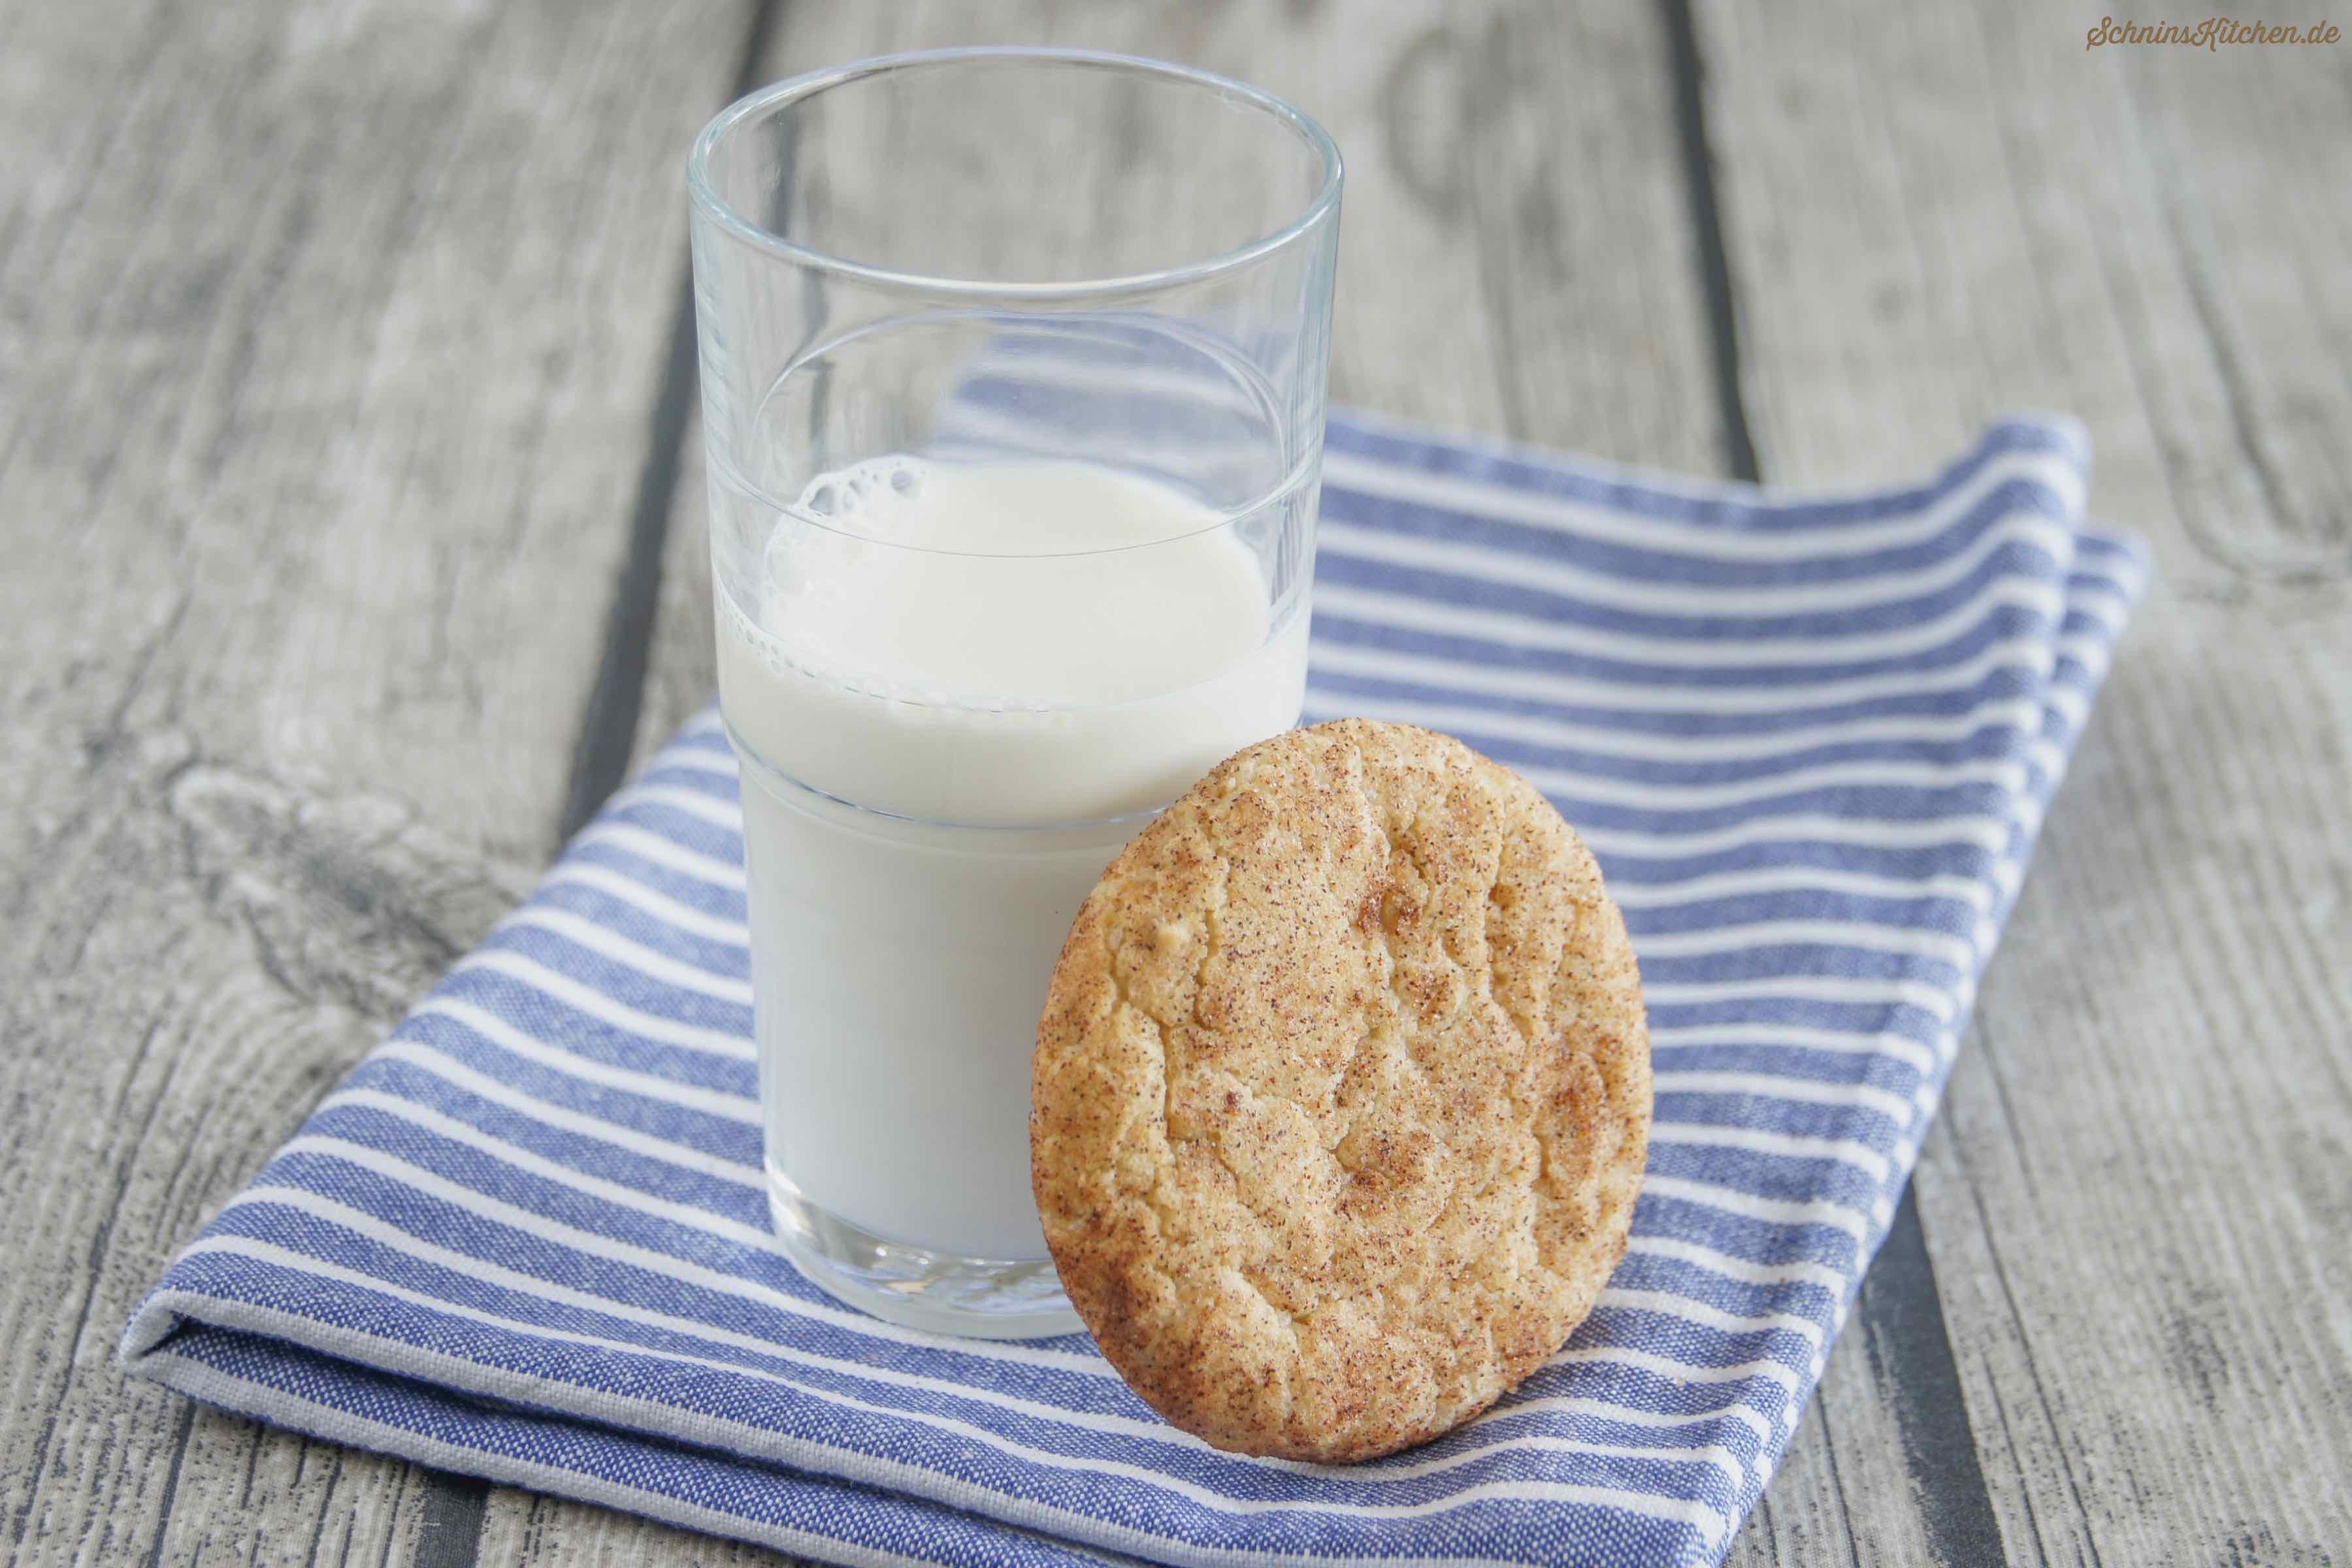 Snickerdoodle-Cookies - Amerikanische Snickerdoodles - Leckere Plätzchen mit Zimt und Zucker - www.schninskitchen.de